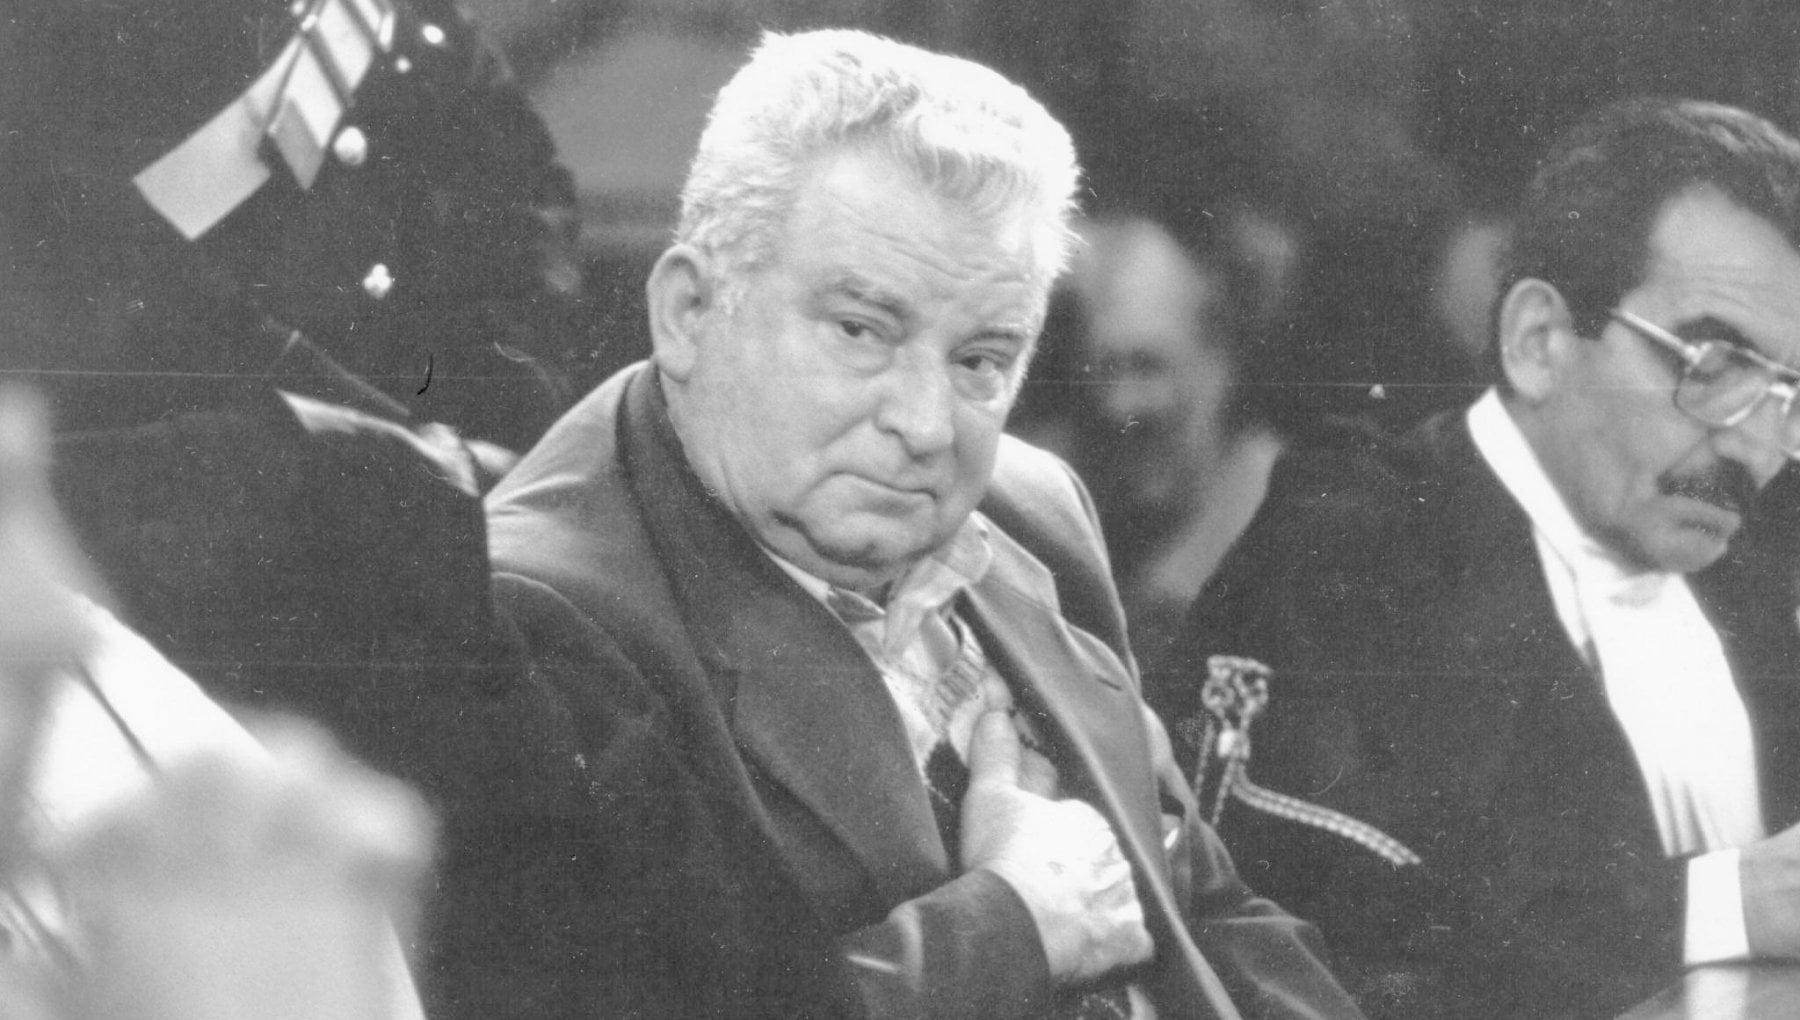 """223756483 6f98bbe0 b8dc 4ab2 b332 597b361bf933 - Il """"Mostro"""" di Firenze, il podcast Audible racconta la storia del primo serial killer italiano"""